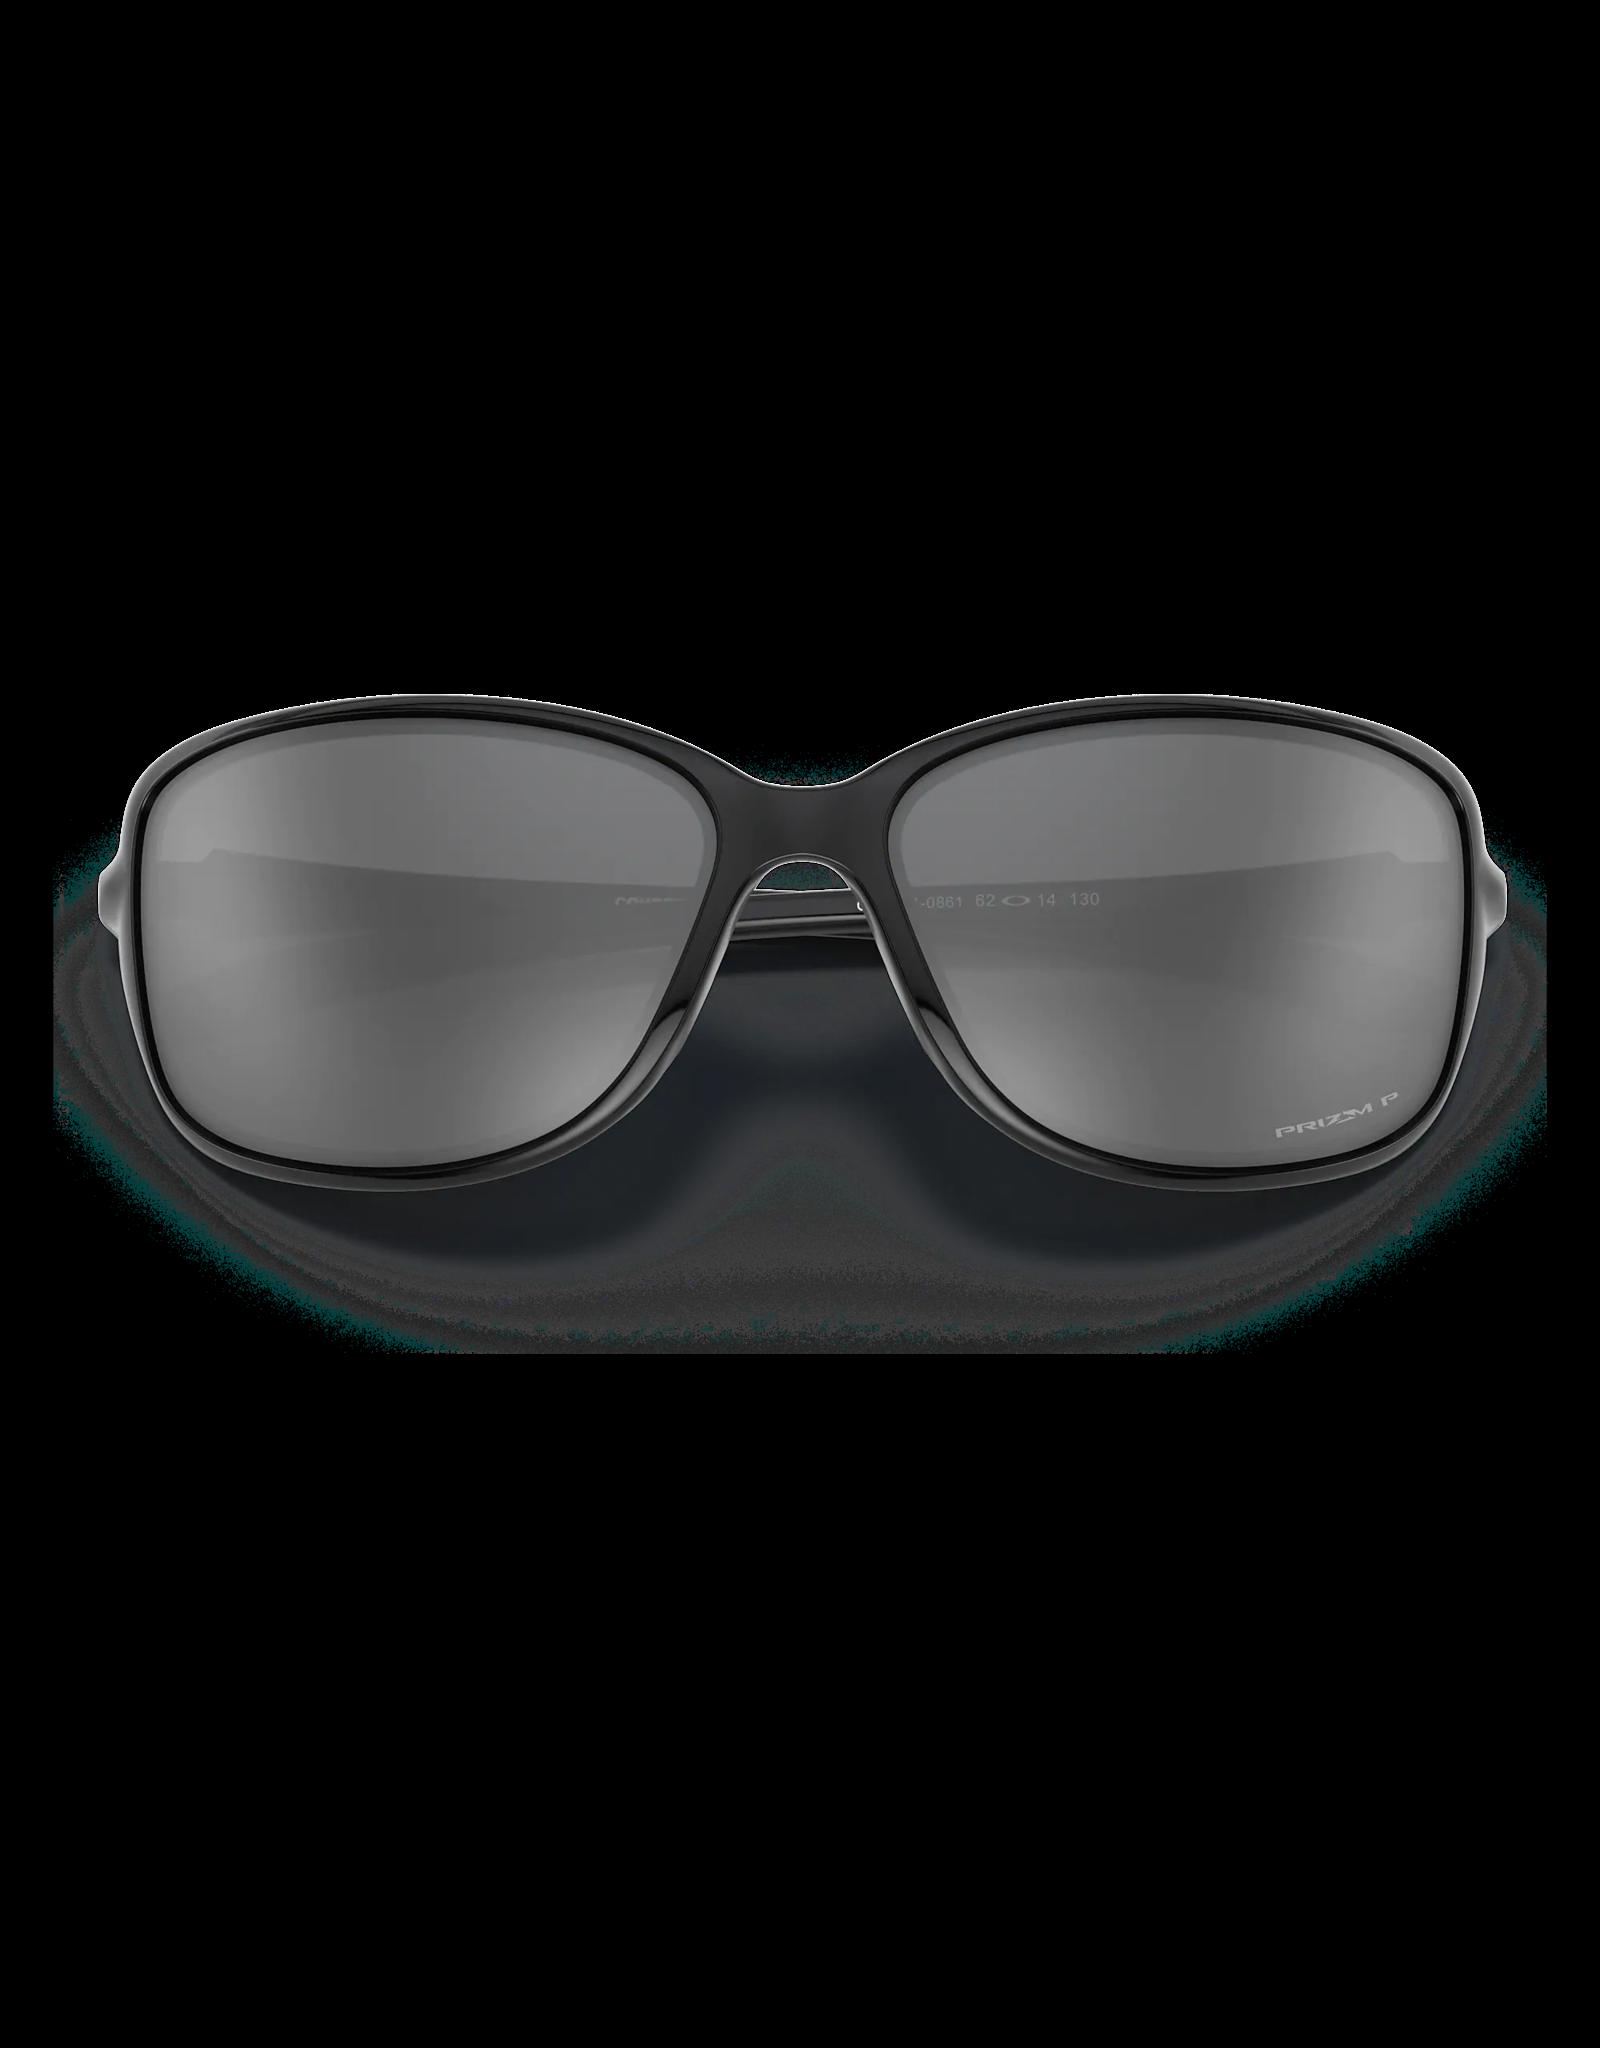 OAKLEY Oakley Cohort polished black prizm polarized sunglasses